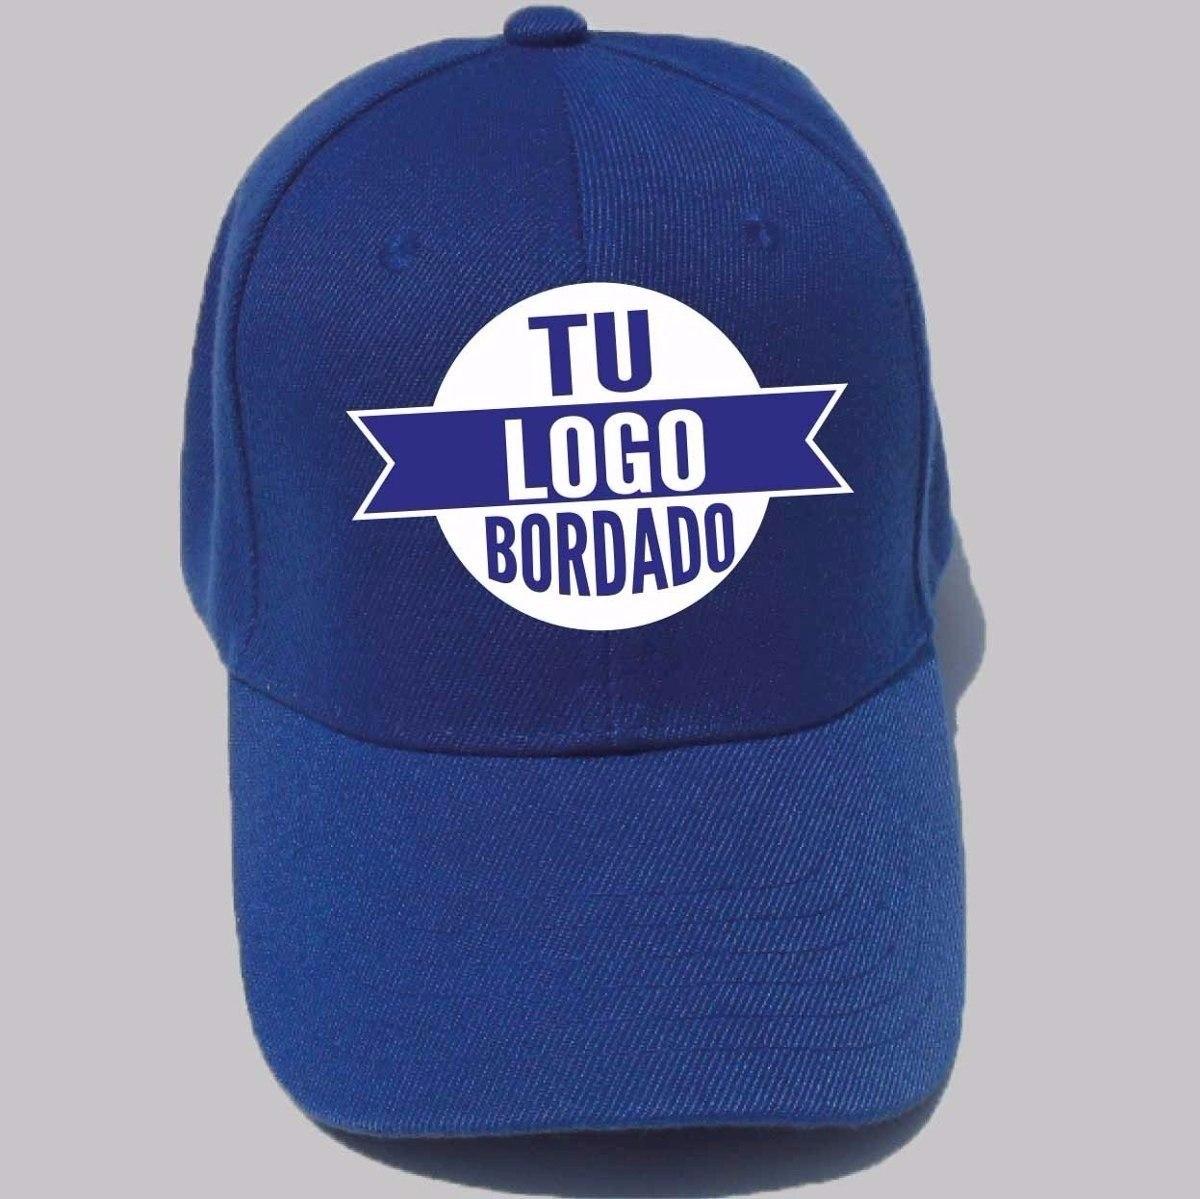 Bordado Servicio De Bordado Digital De Gorras Solo Al Mayor - Bs. 0 ... 3603352a729